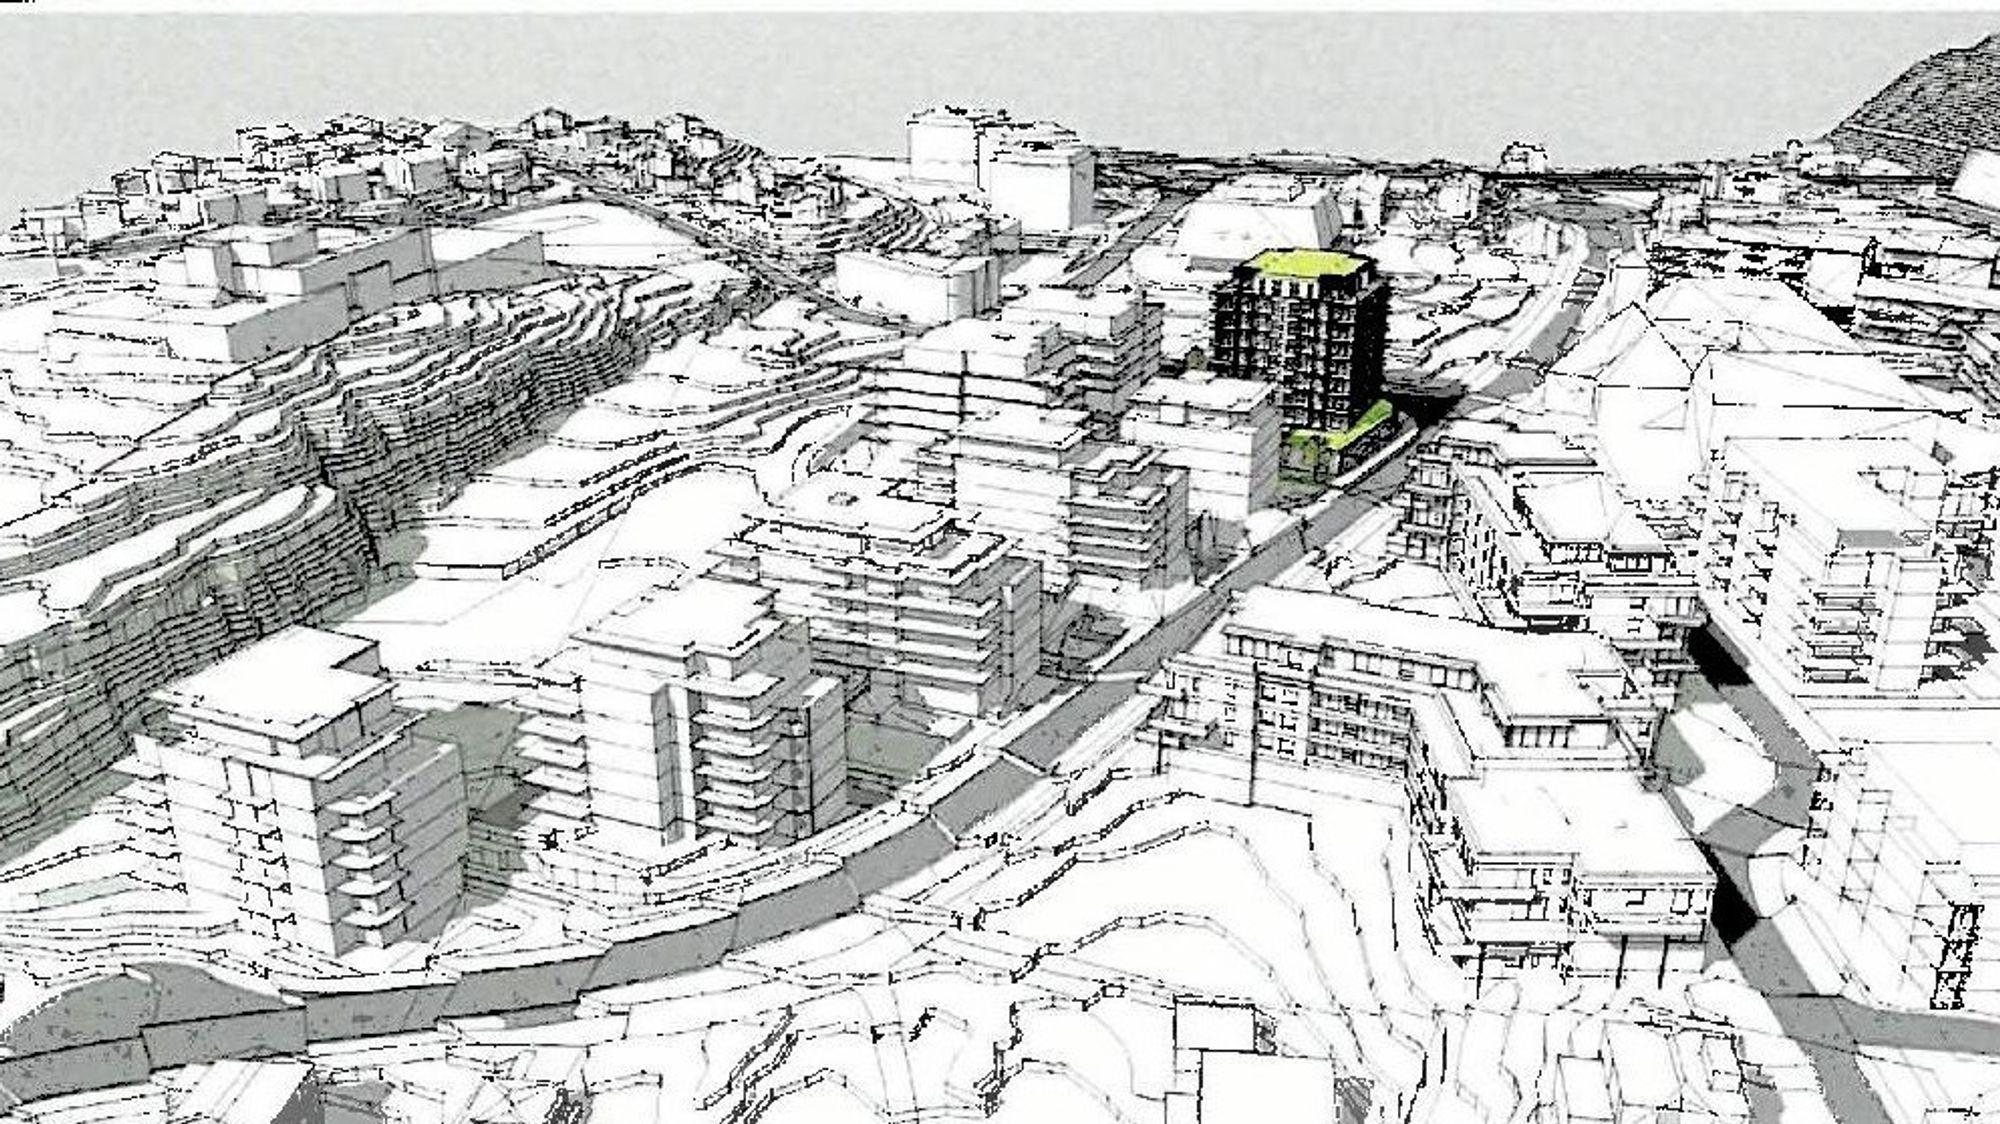 HØYBLOKK MIDT I SENTRUM: Den aktuelle tomten i Edvard Griegs vei 1 hvor Foss & Co foreslår å bygge det høyeste bygget på Kolbotn, utgjør et attraktivt hjørne i Kolbotn sentrum som ligger sør for rådhuset og vest for Kolbotn torg.